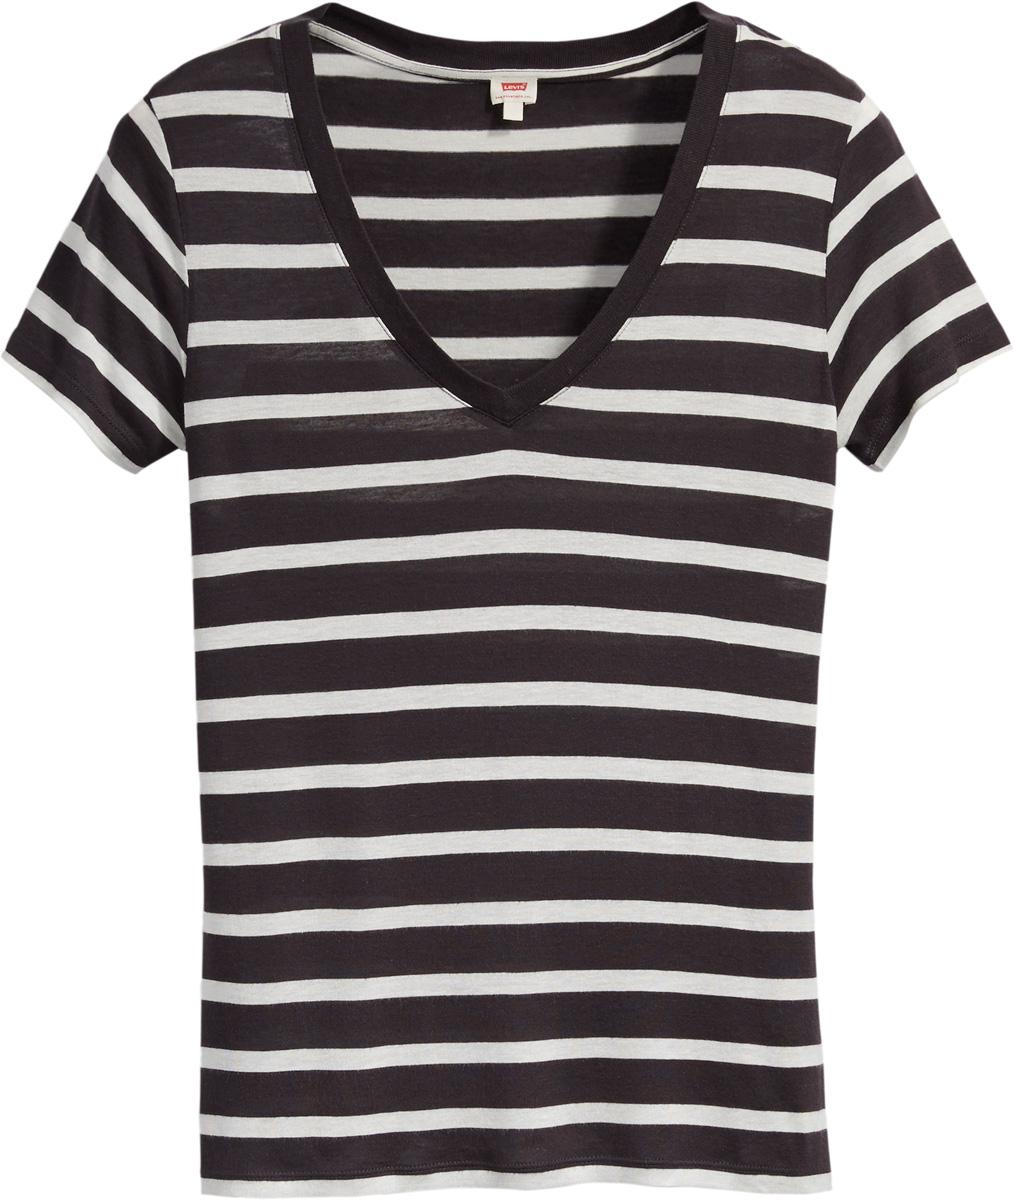 Футболка женская Levis®, цвет: белый, черный. 3939600070. Размер S (42/44)3939600070Универсальная футболка прямого кроя с V-образным вырезом.